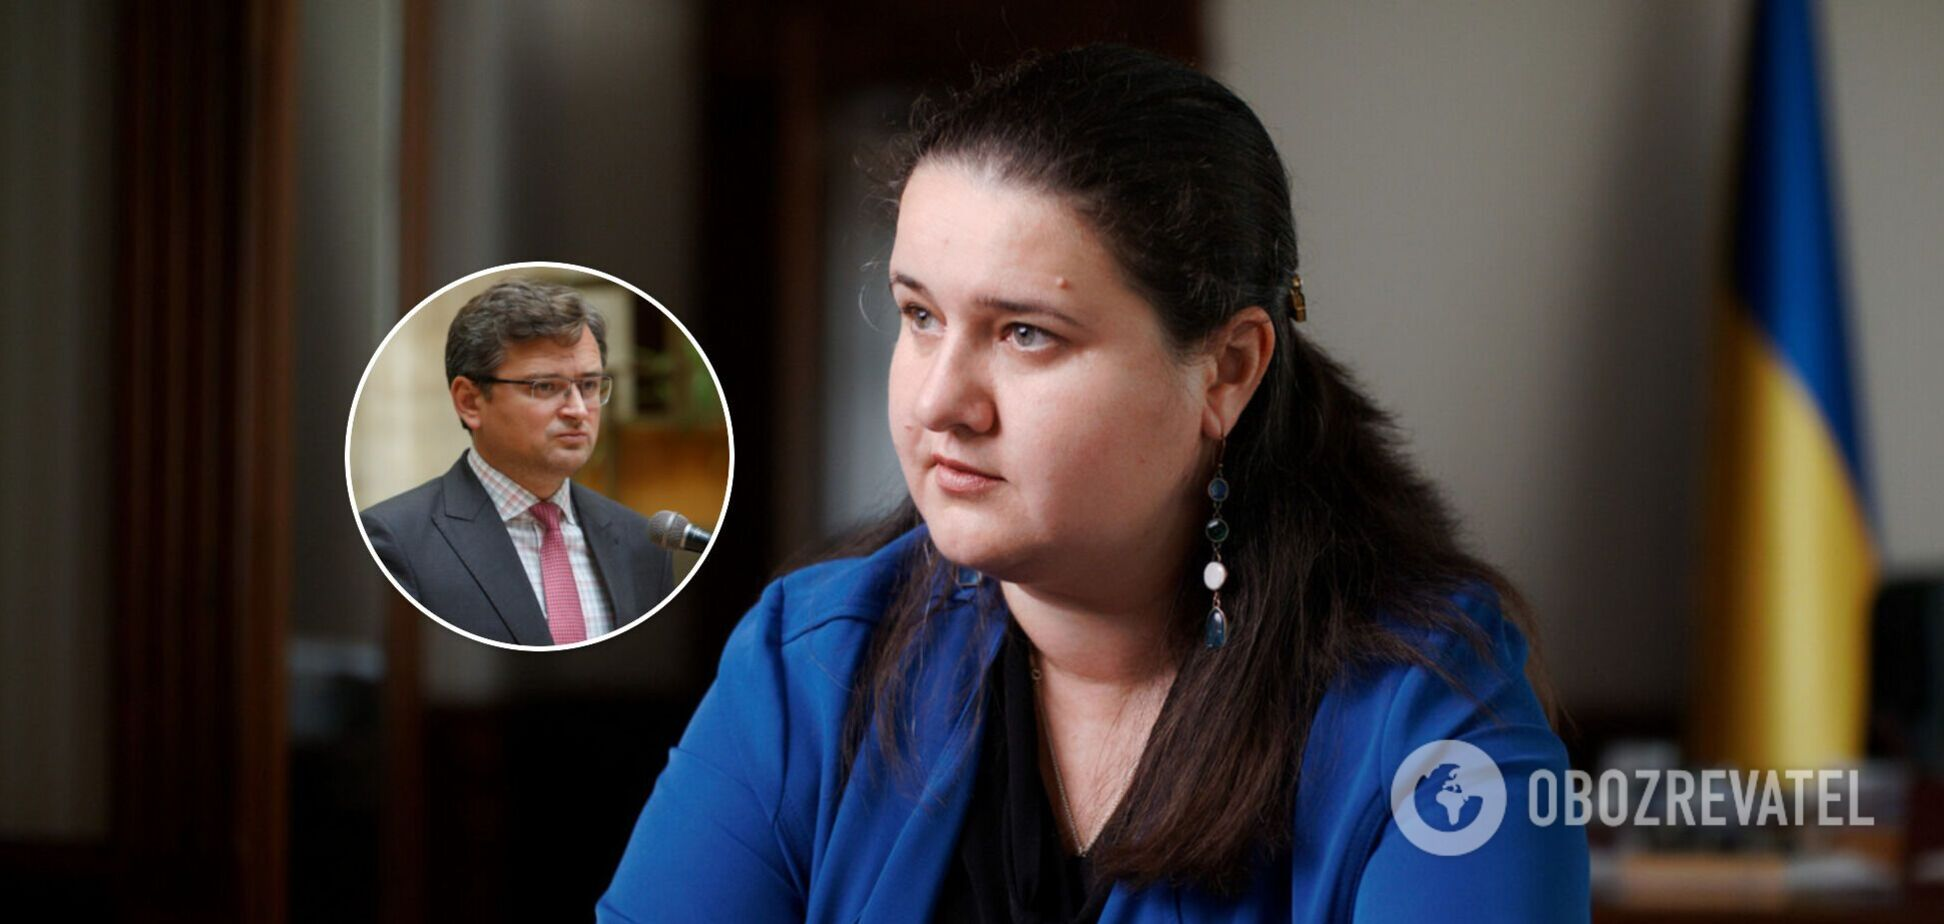 Кулеба прокомментировал процесс назначения Маркаровой послом Украины в США